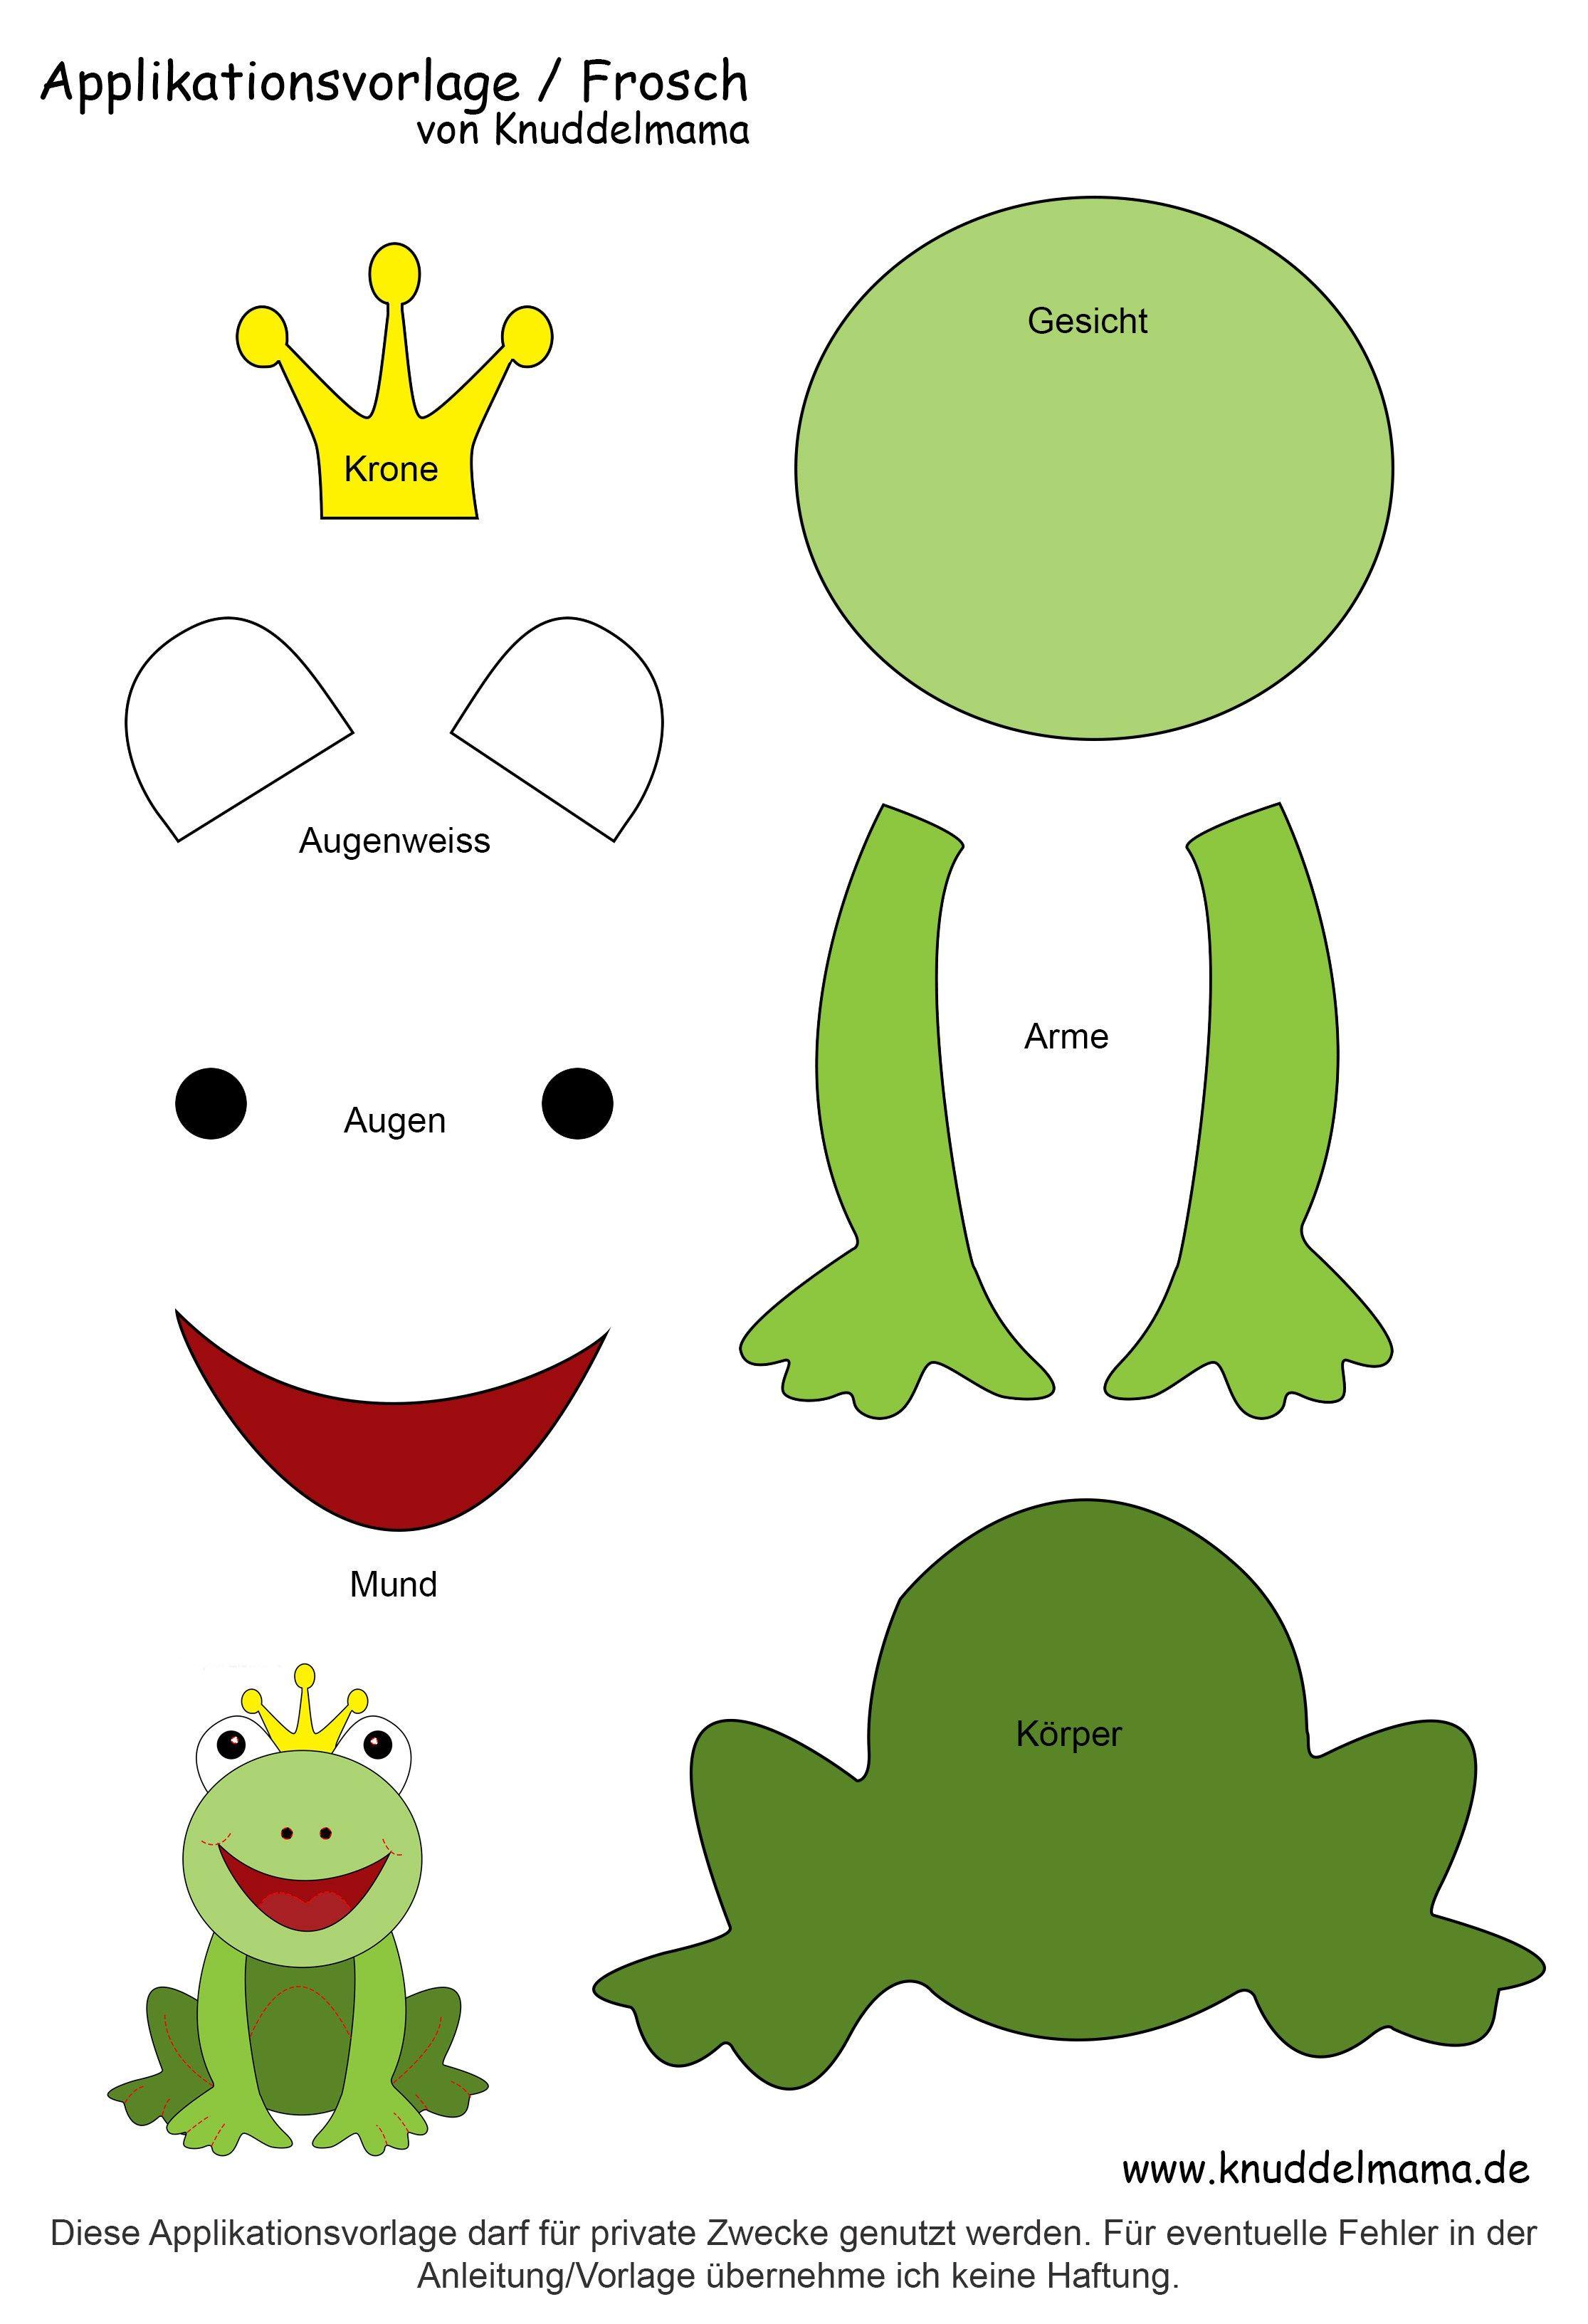 Froschvorlage Applikation Vorlagen Frosch Basteln Applikationsvorlagen